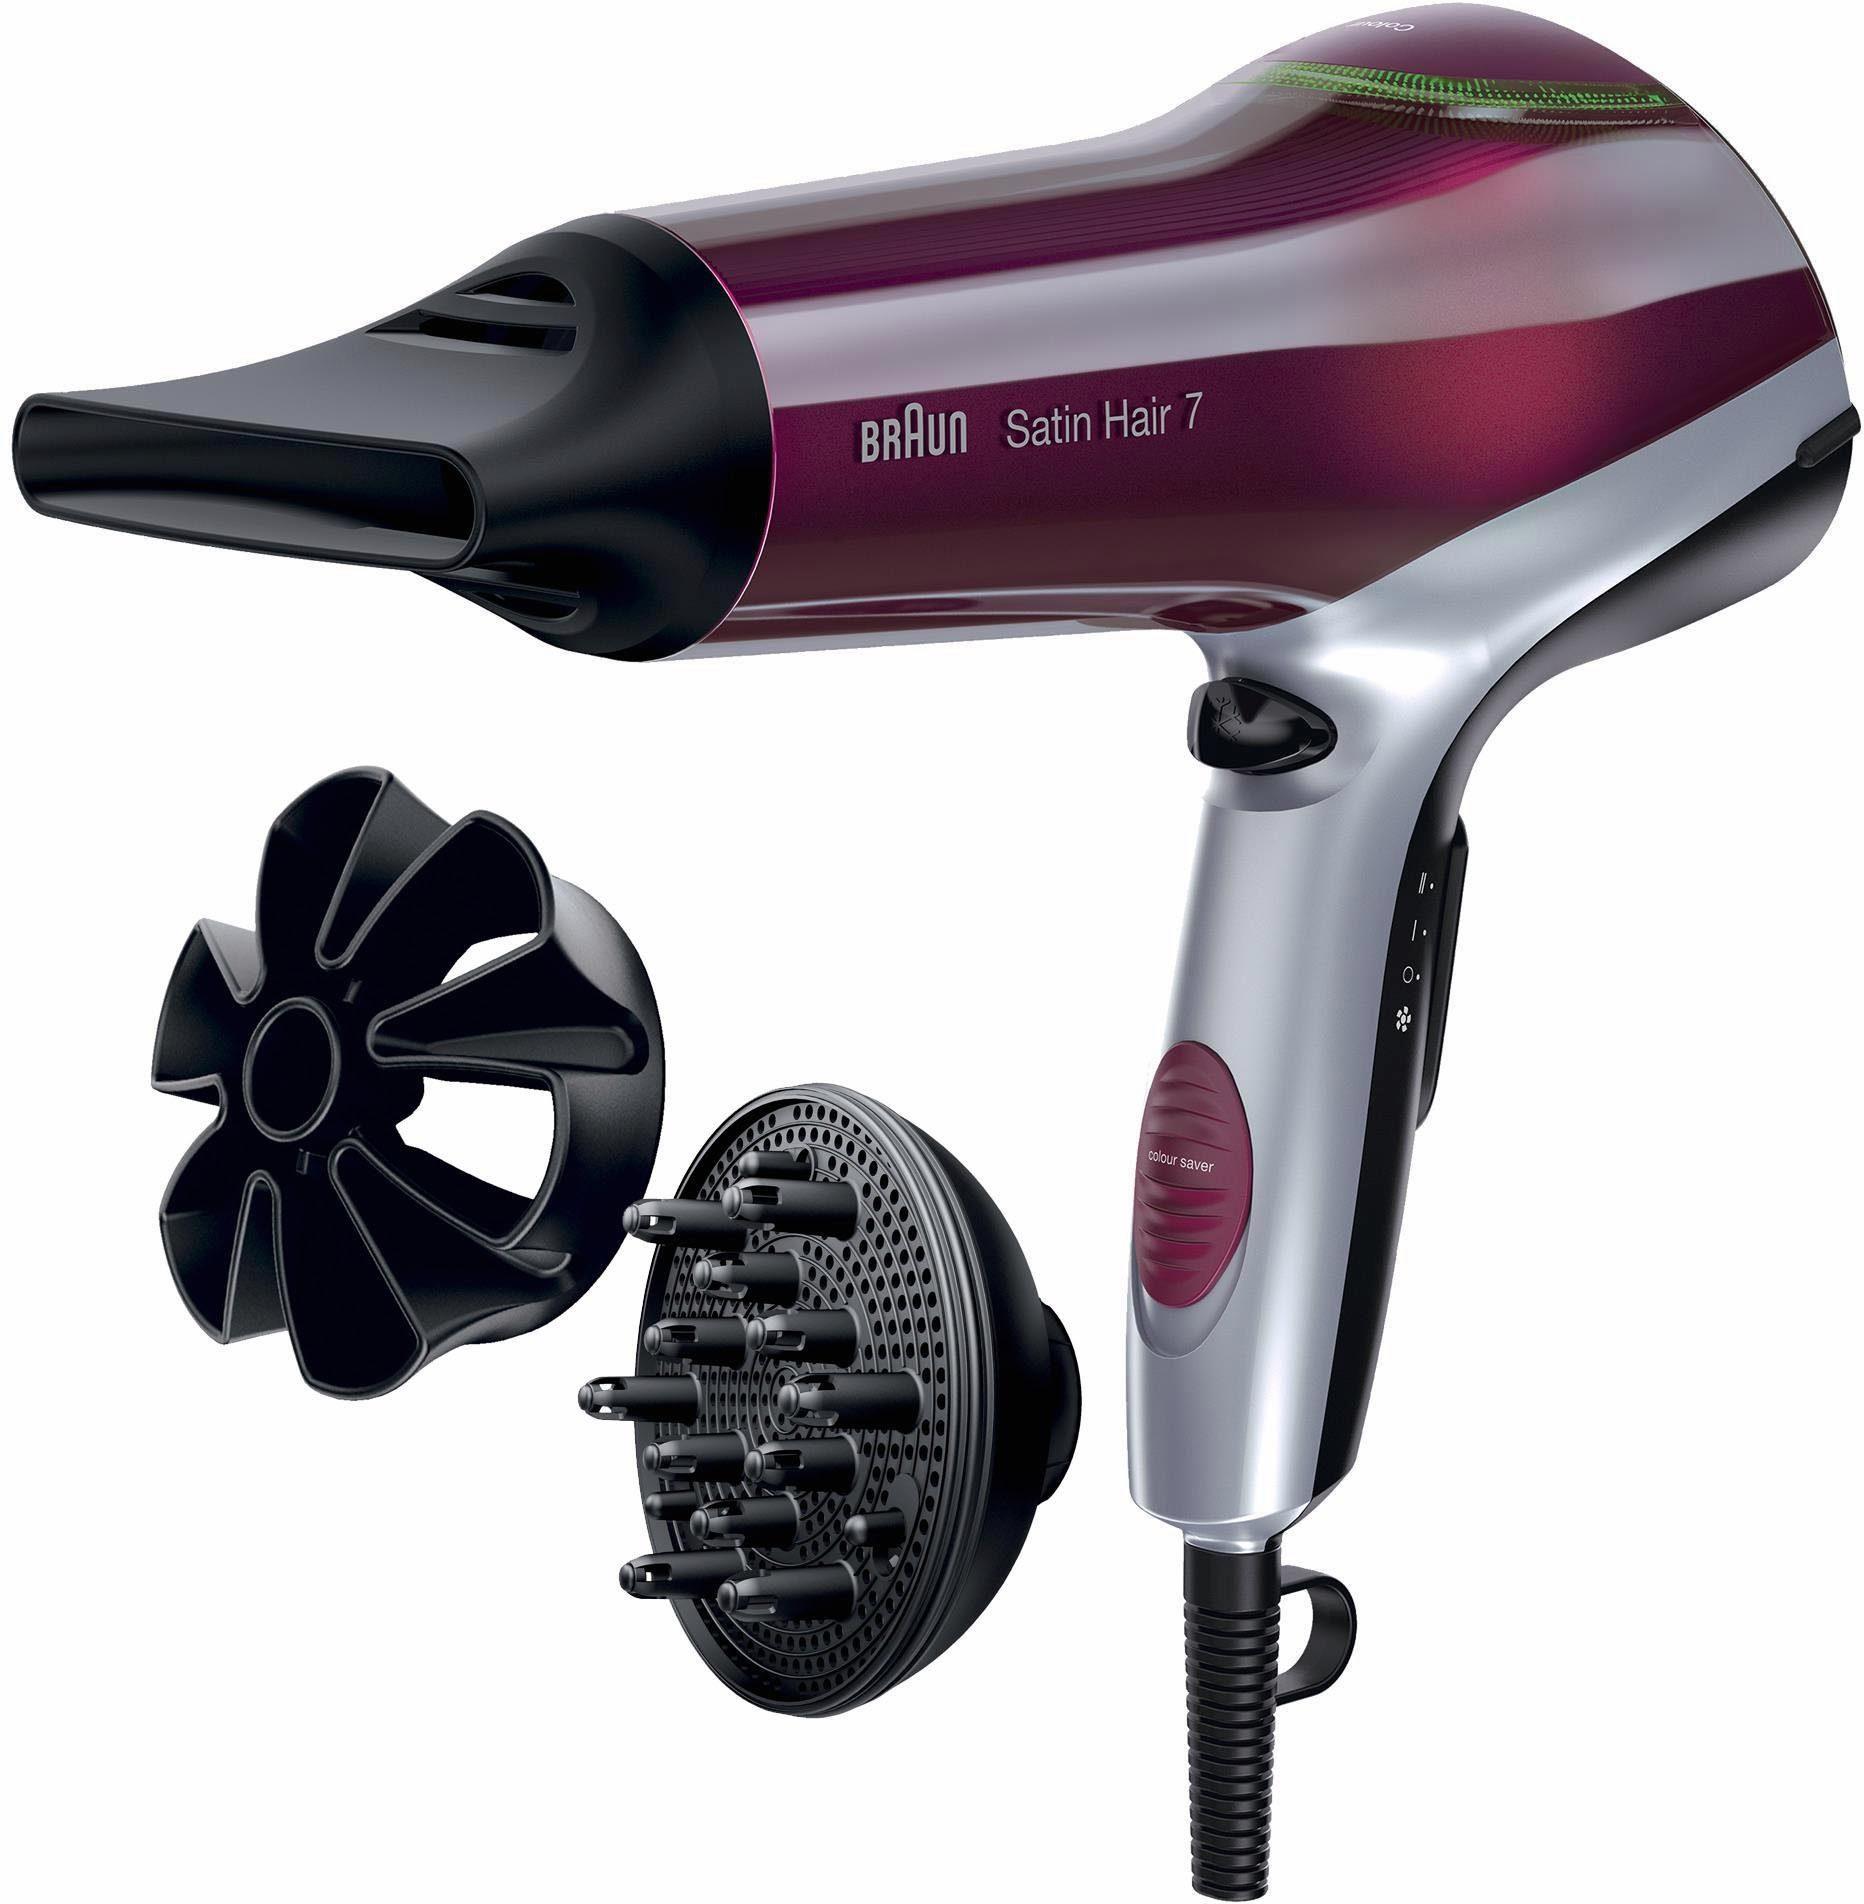 Braun Haartrockner HD 770, Satin Hair 7, mit IONTEC und Colour Saver Technologie (inkl. Aufsatz)